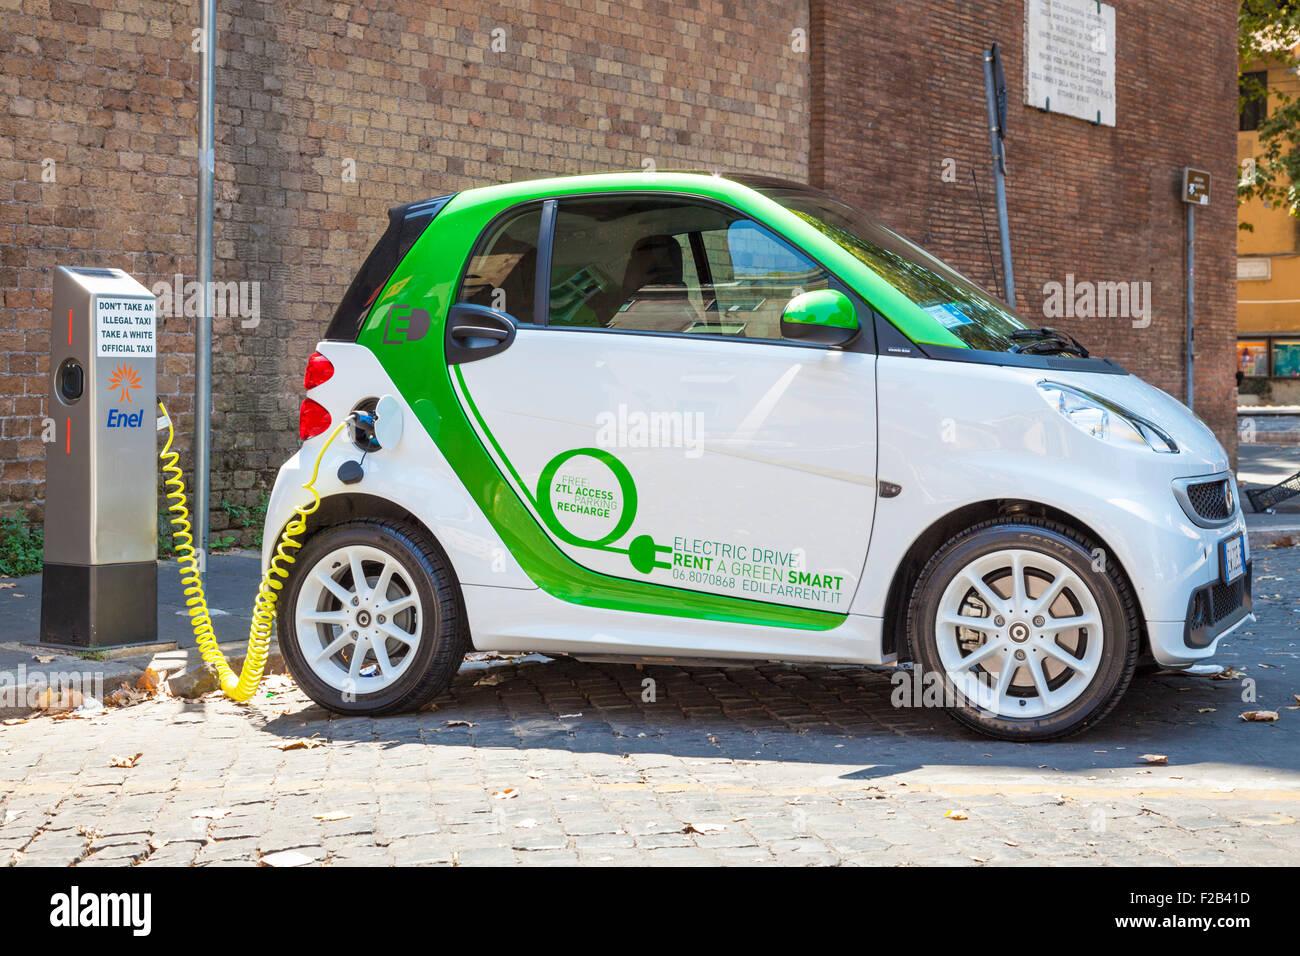 Smart fortwo electric drive coche eléctrico enchufado a un punto de carga de coches eléctricos en Roma Imagen De Stock